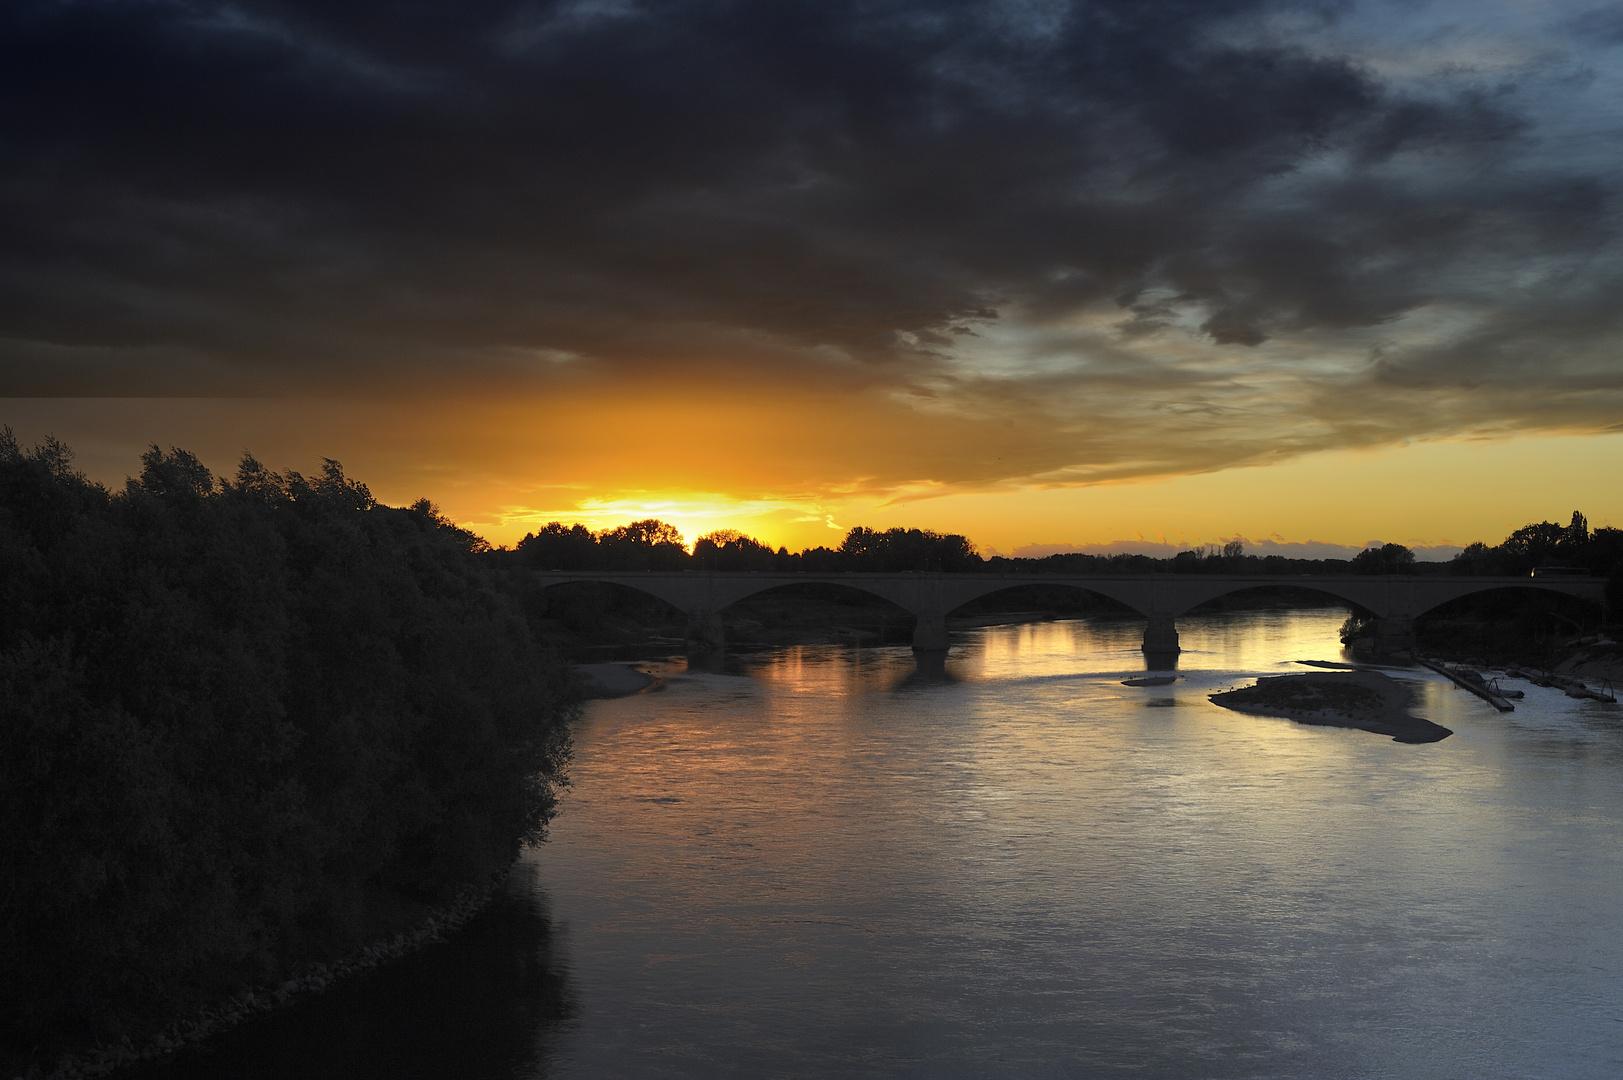 tramonto a Pavia